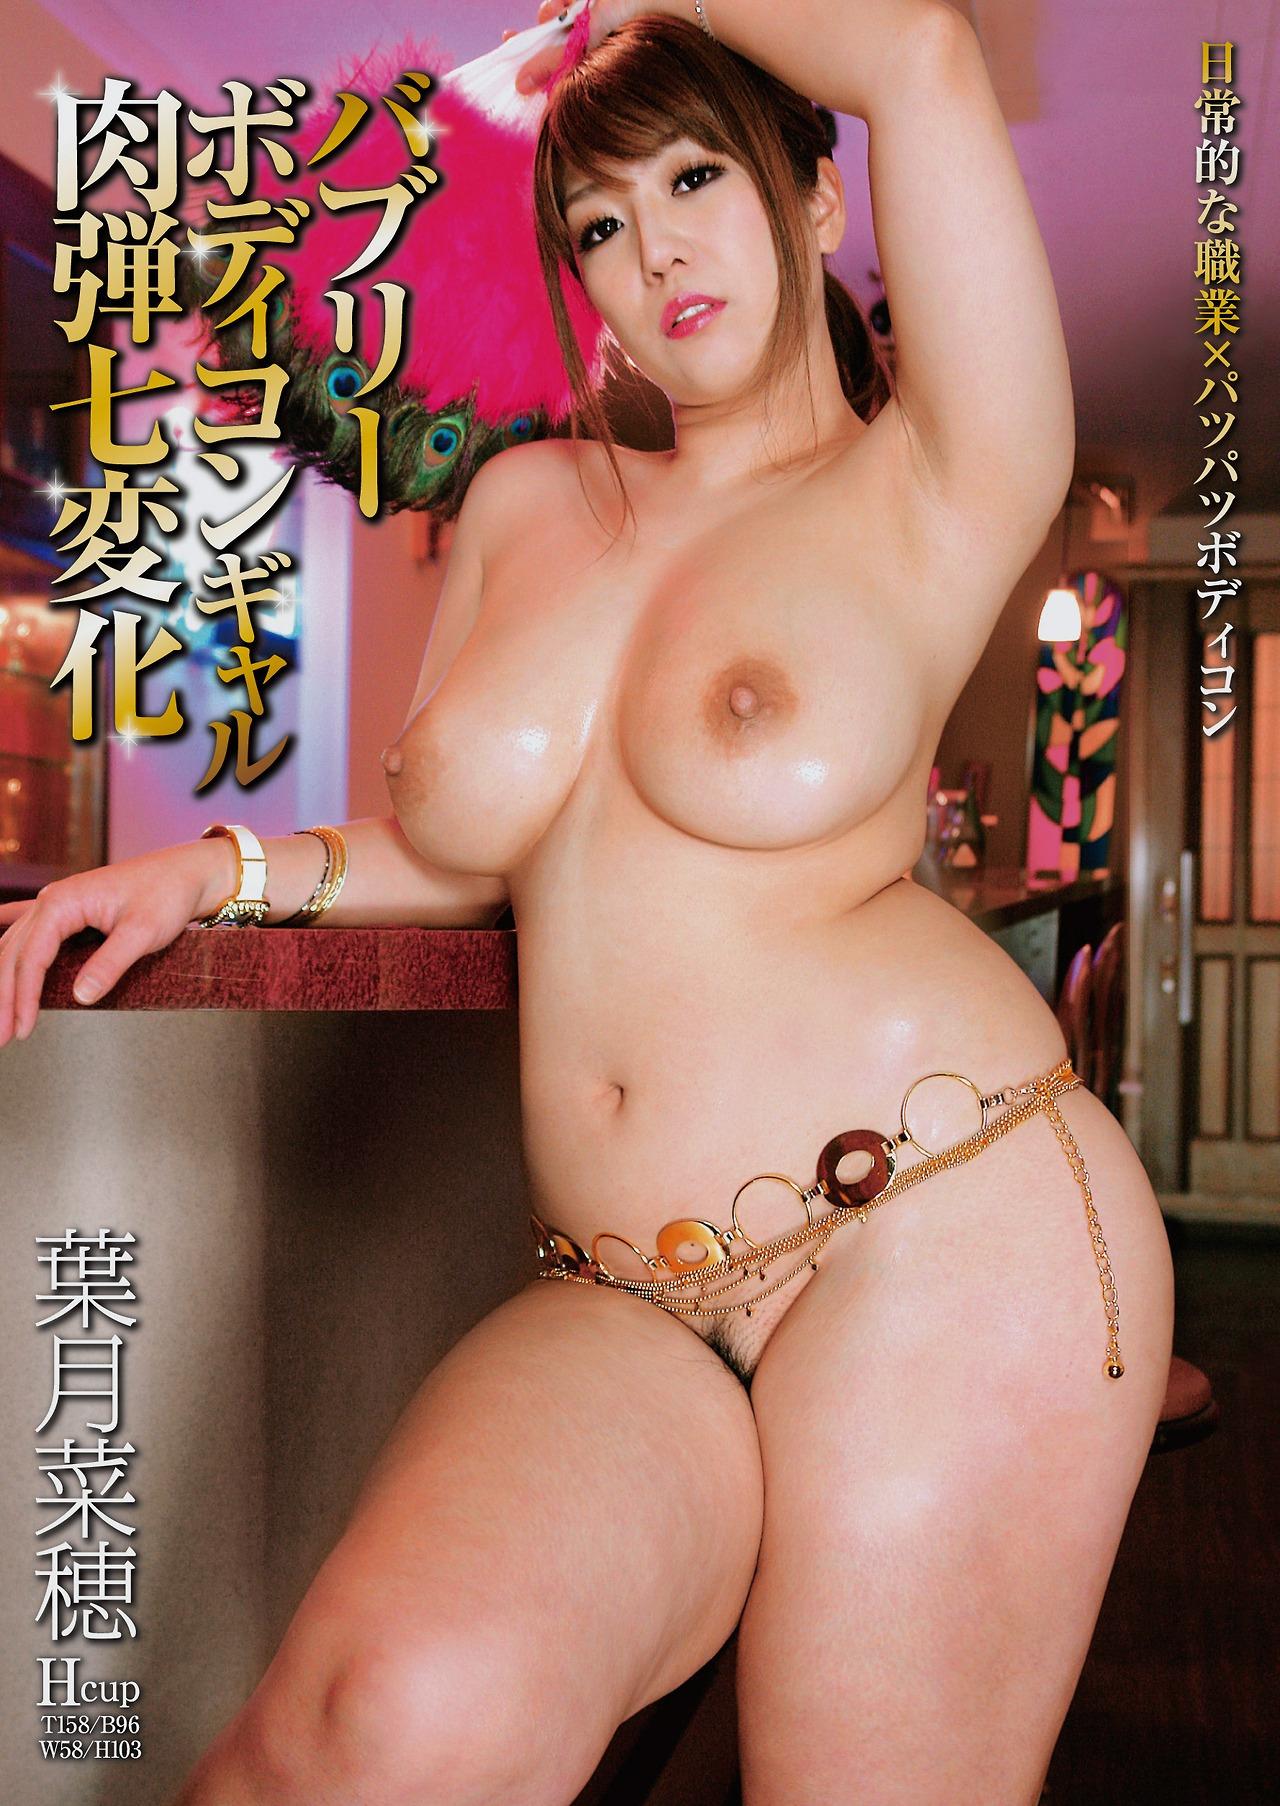 porn Naho hazuki